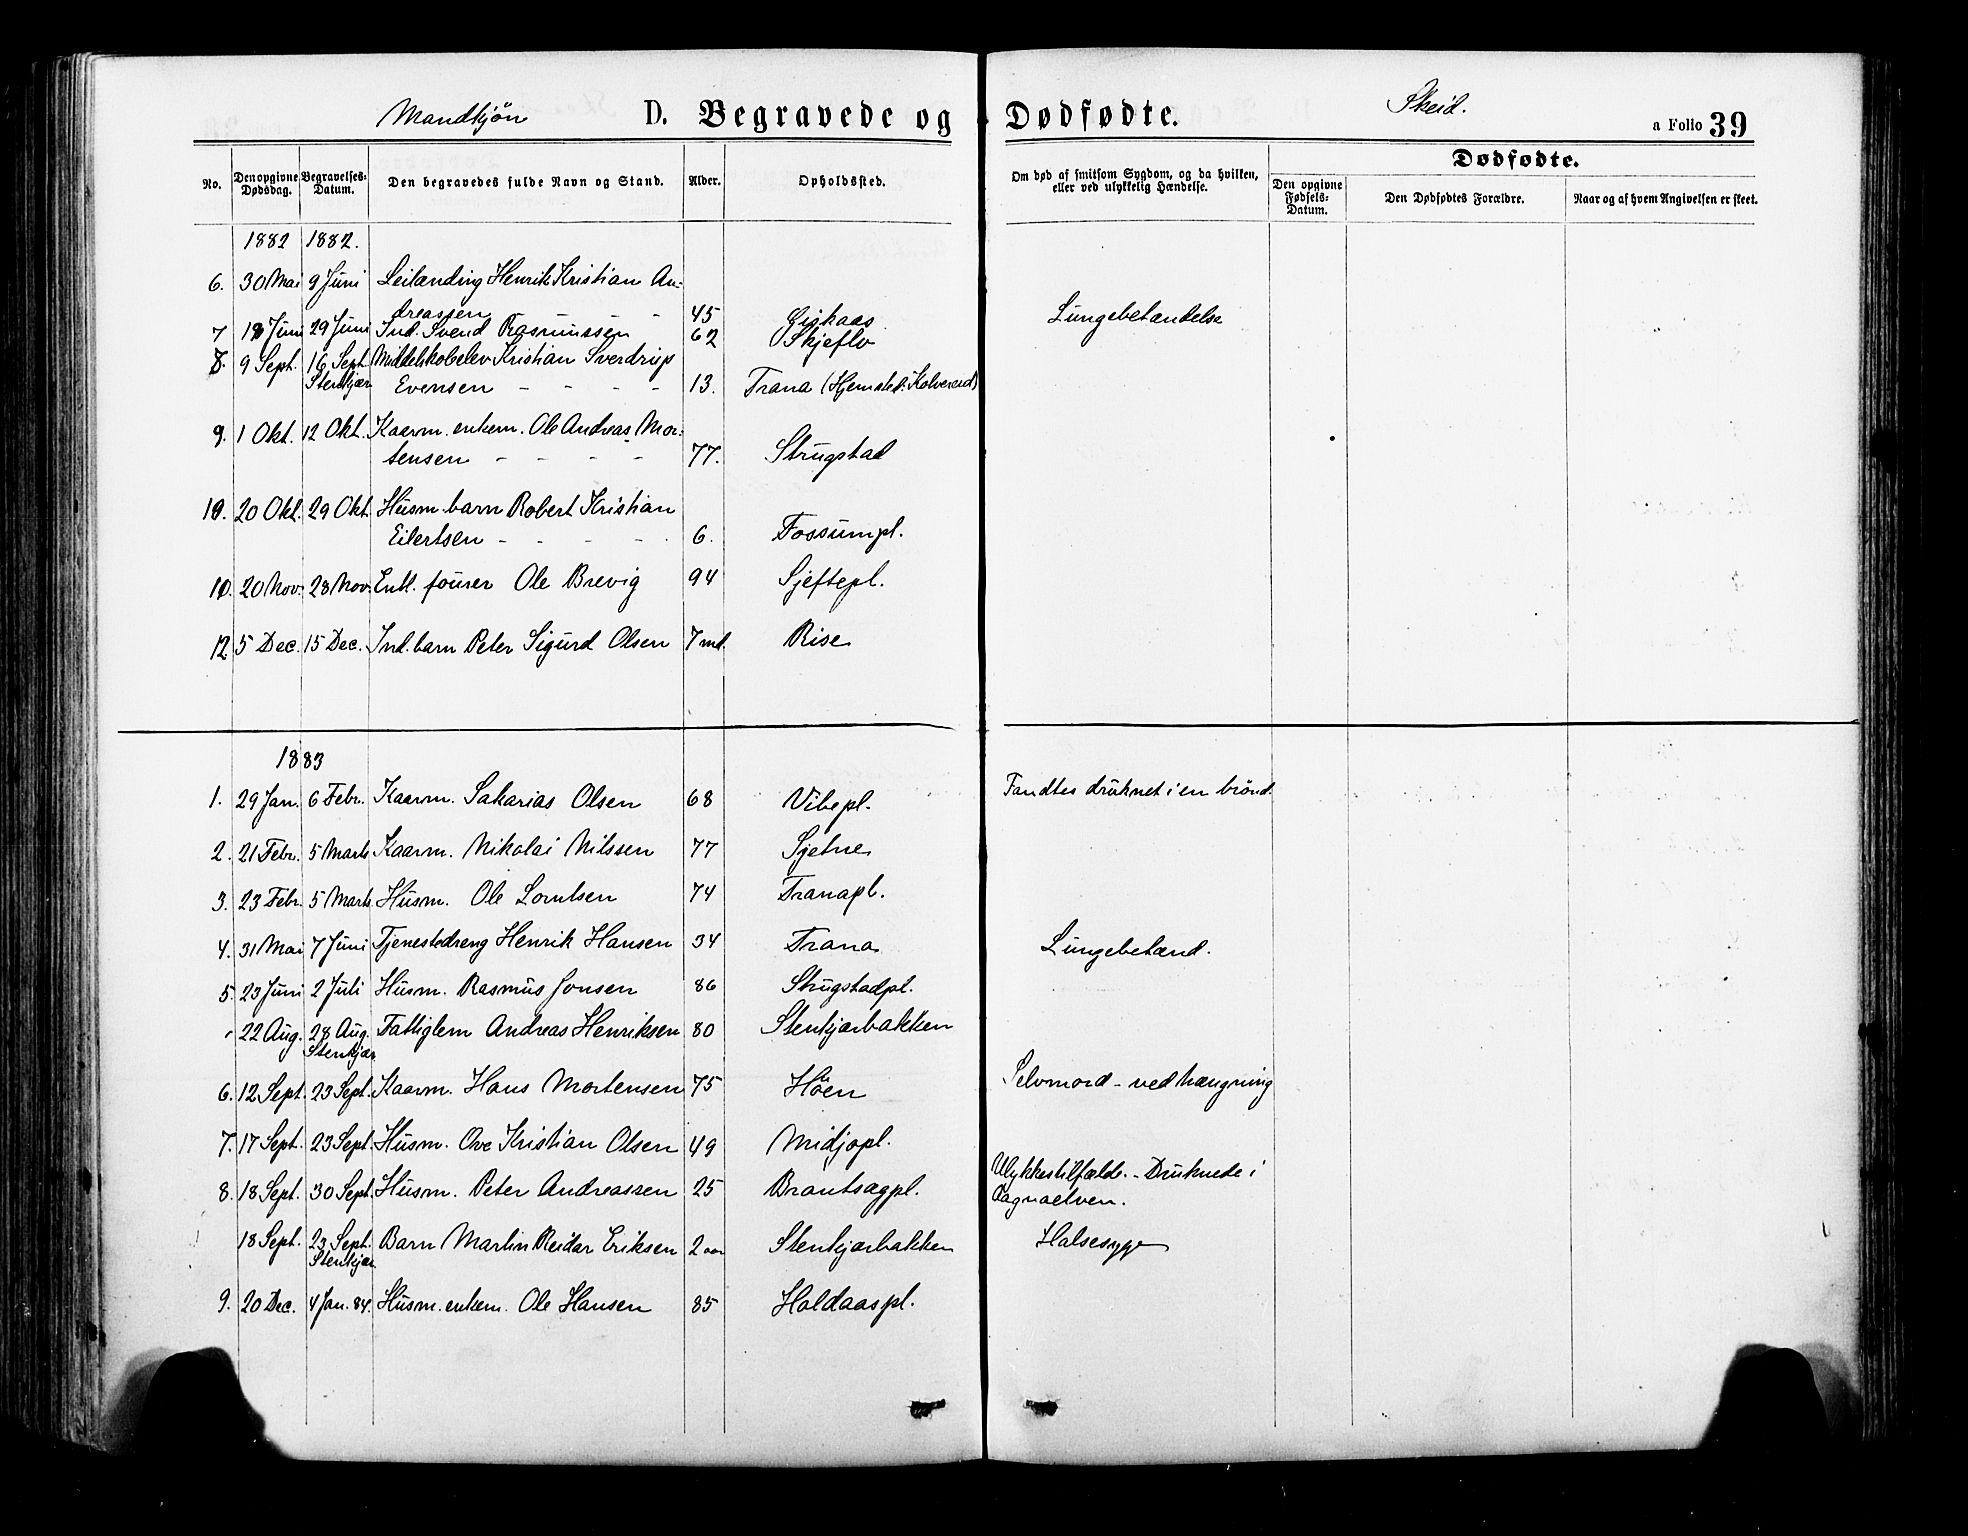 SAT, Ministerialprotokoller, klokkerbøker og fødselsregistre - Nord-Trøndelag, 735/L0348: Ministerialbok nr. 735A09 /2, 1873-1883, s. 39